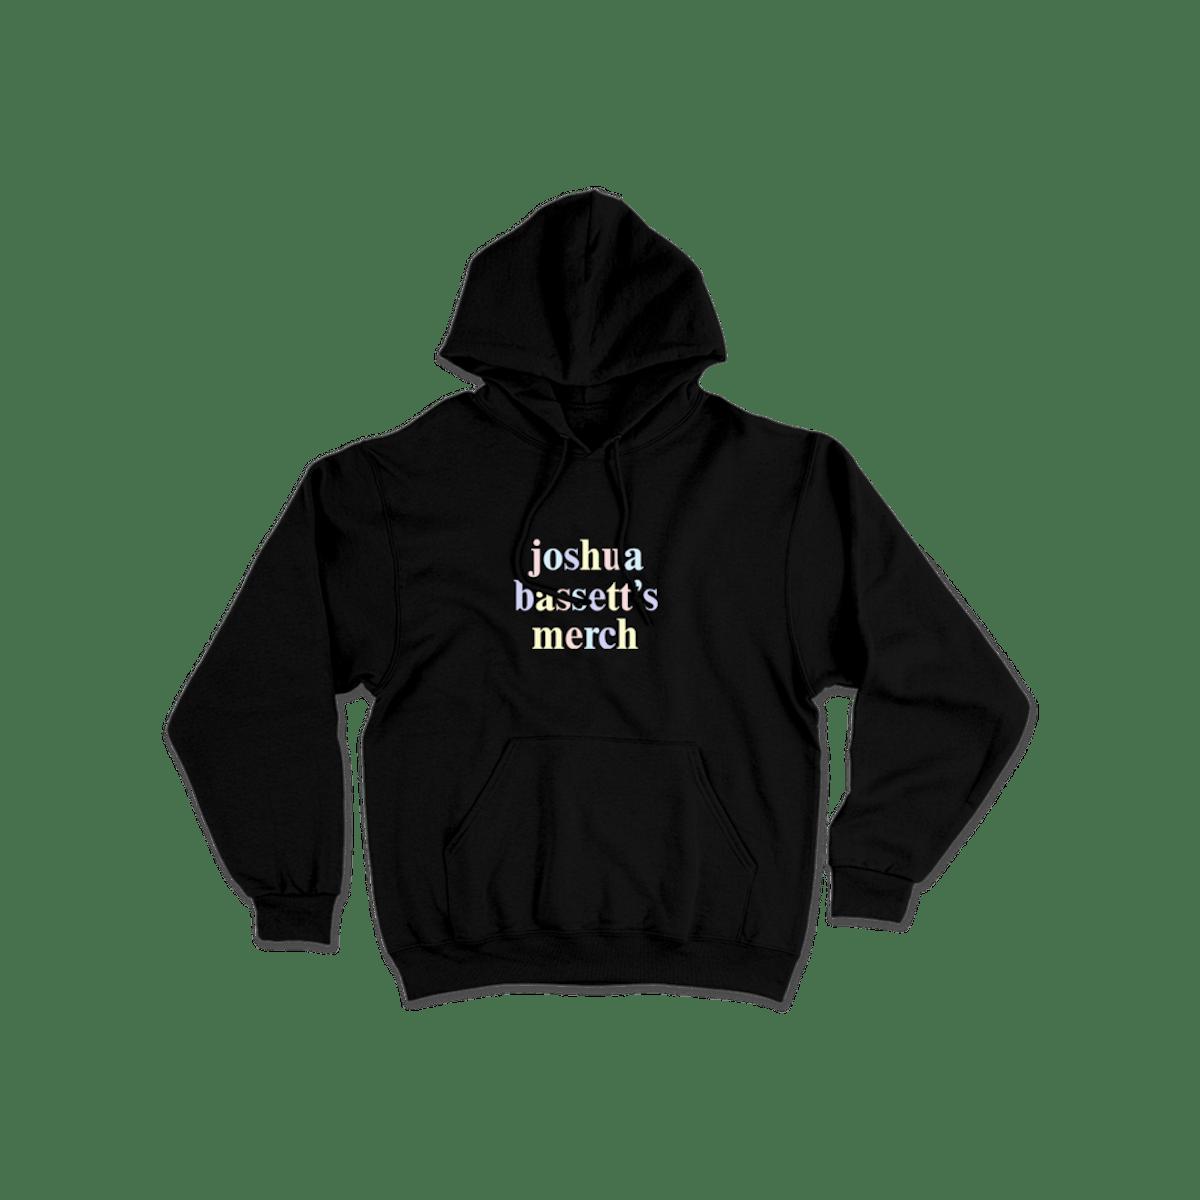 Joshua Bassett's Hoodie Black